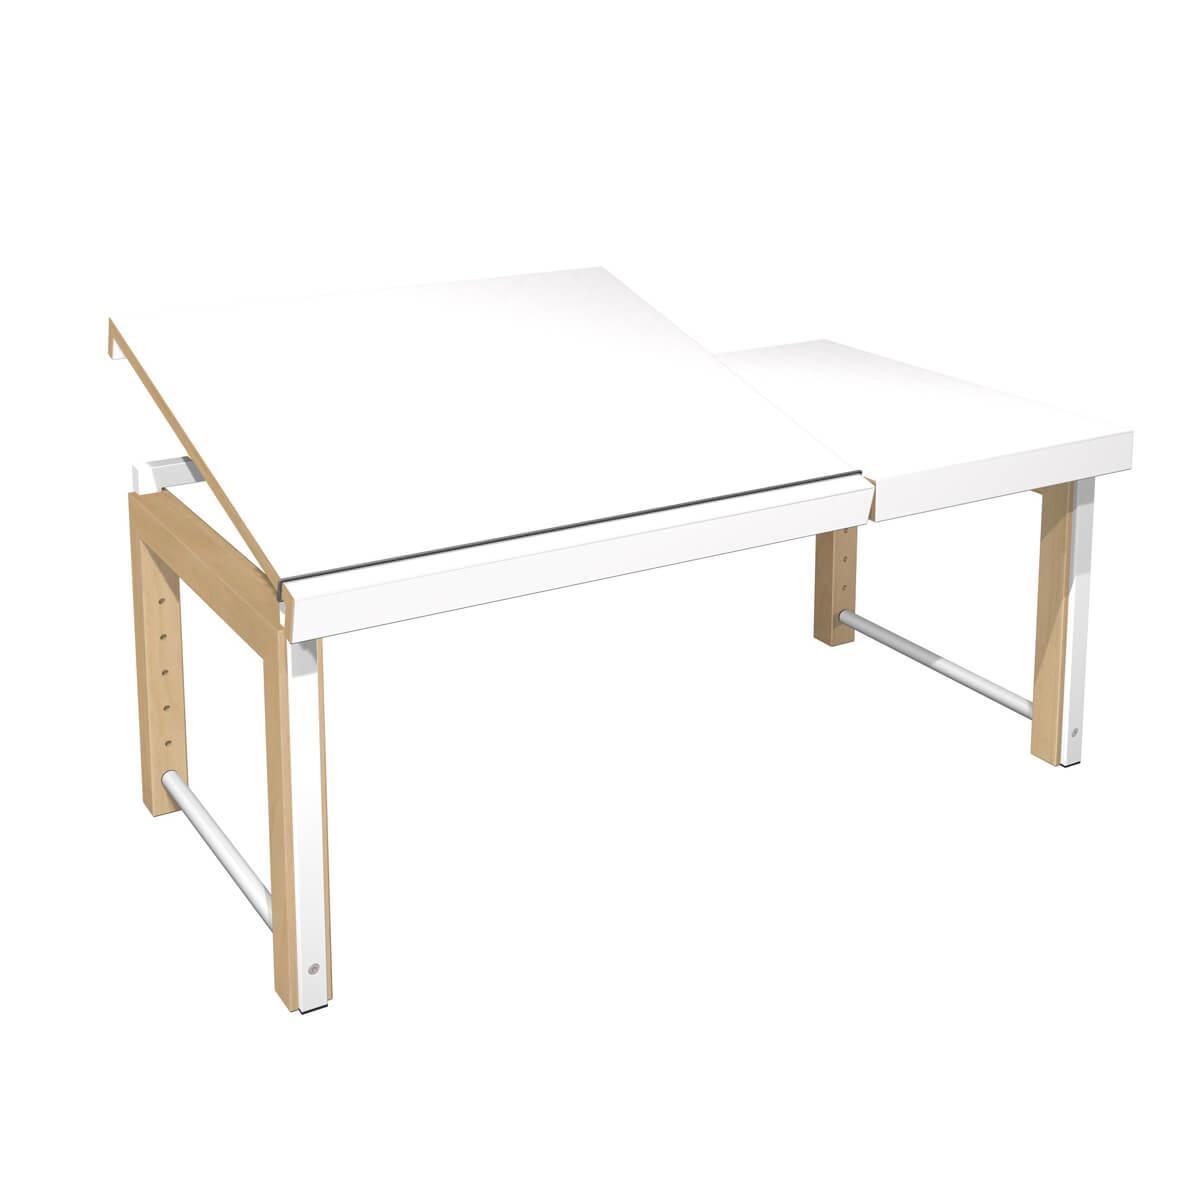 Schreibtisch Ziggy DECOR Debreuyn geteilte Platte-Multiplex Buchenrahmen Gestell weiß